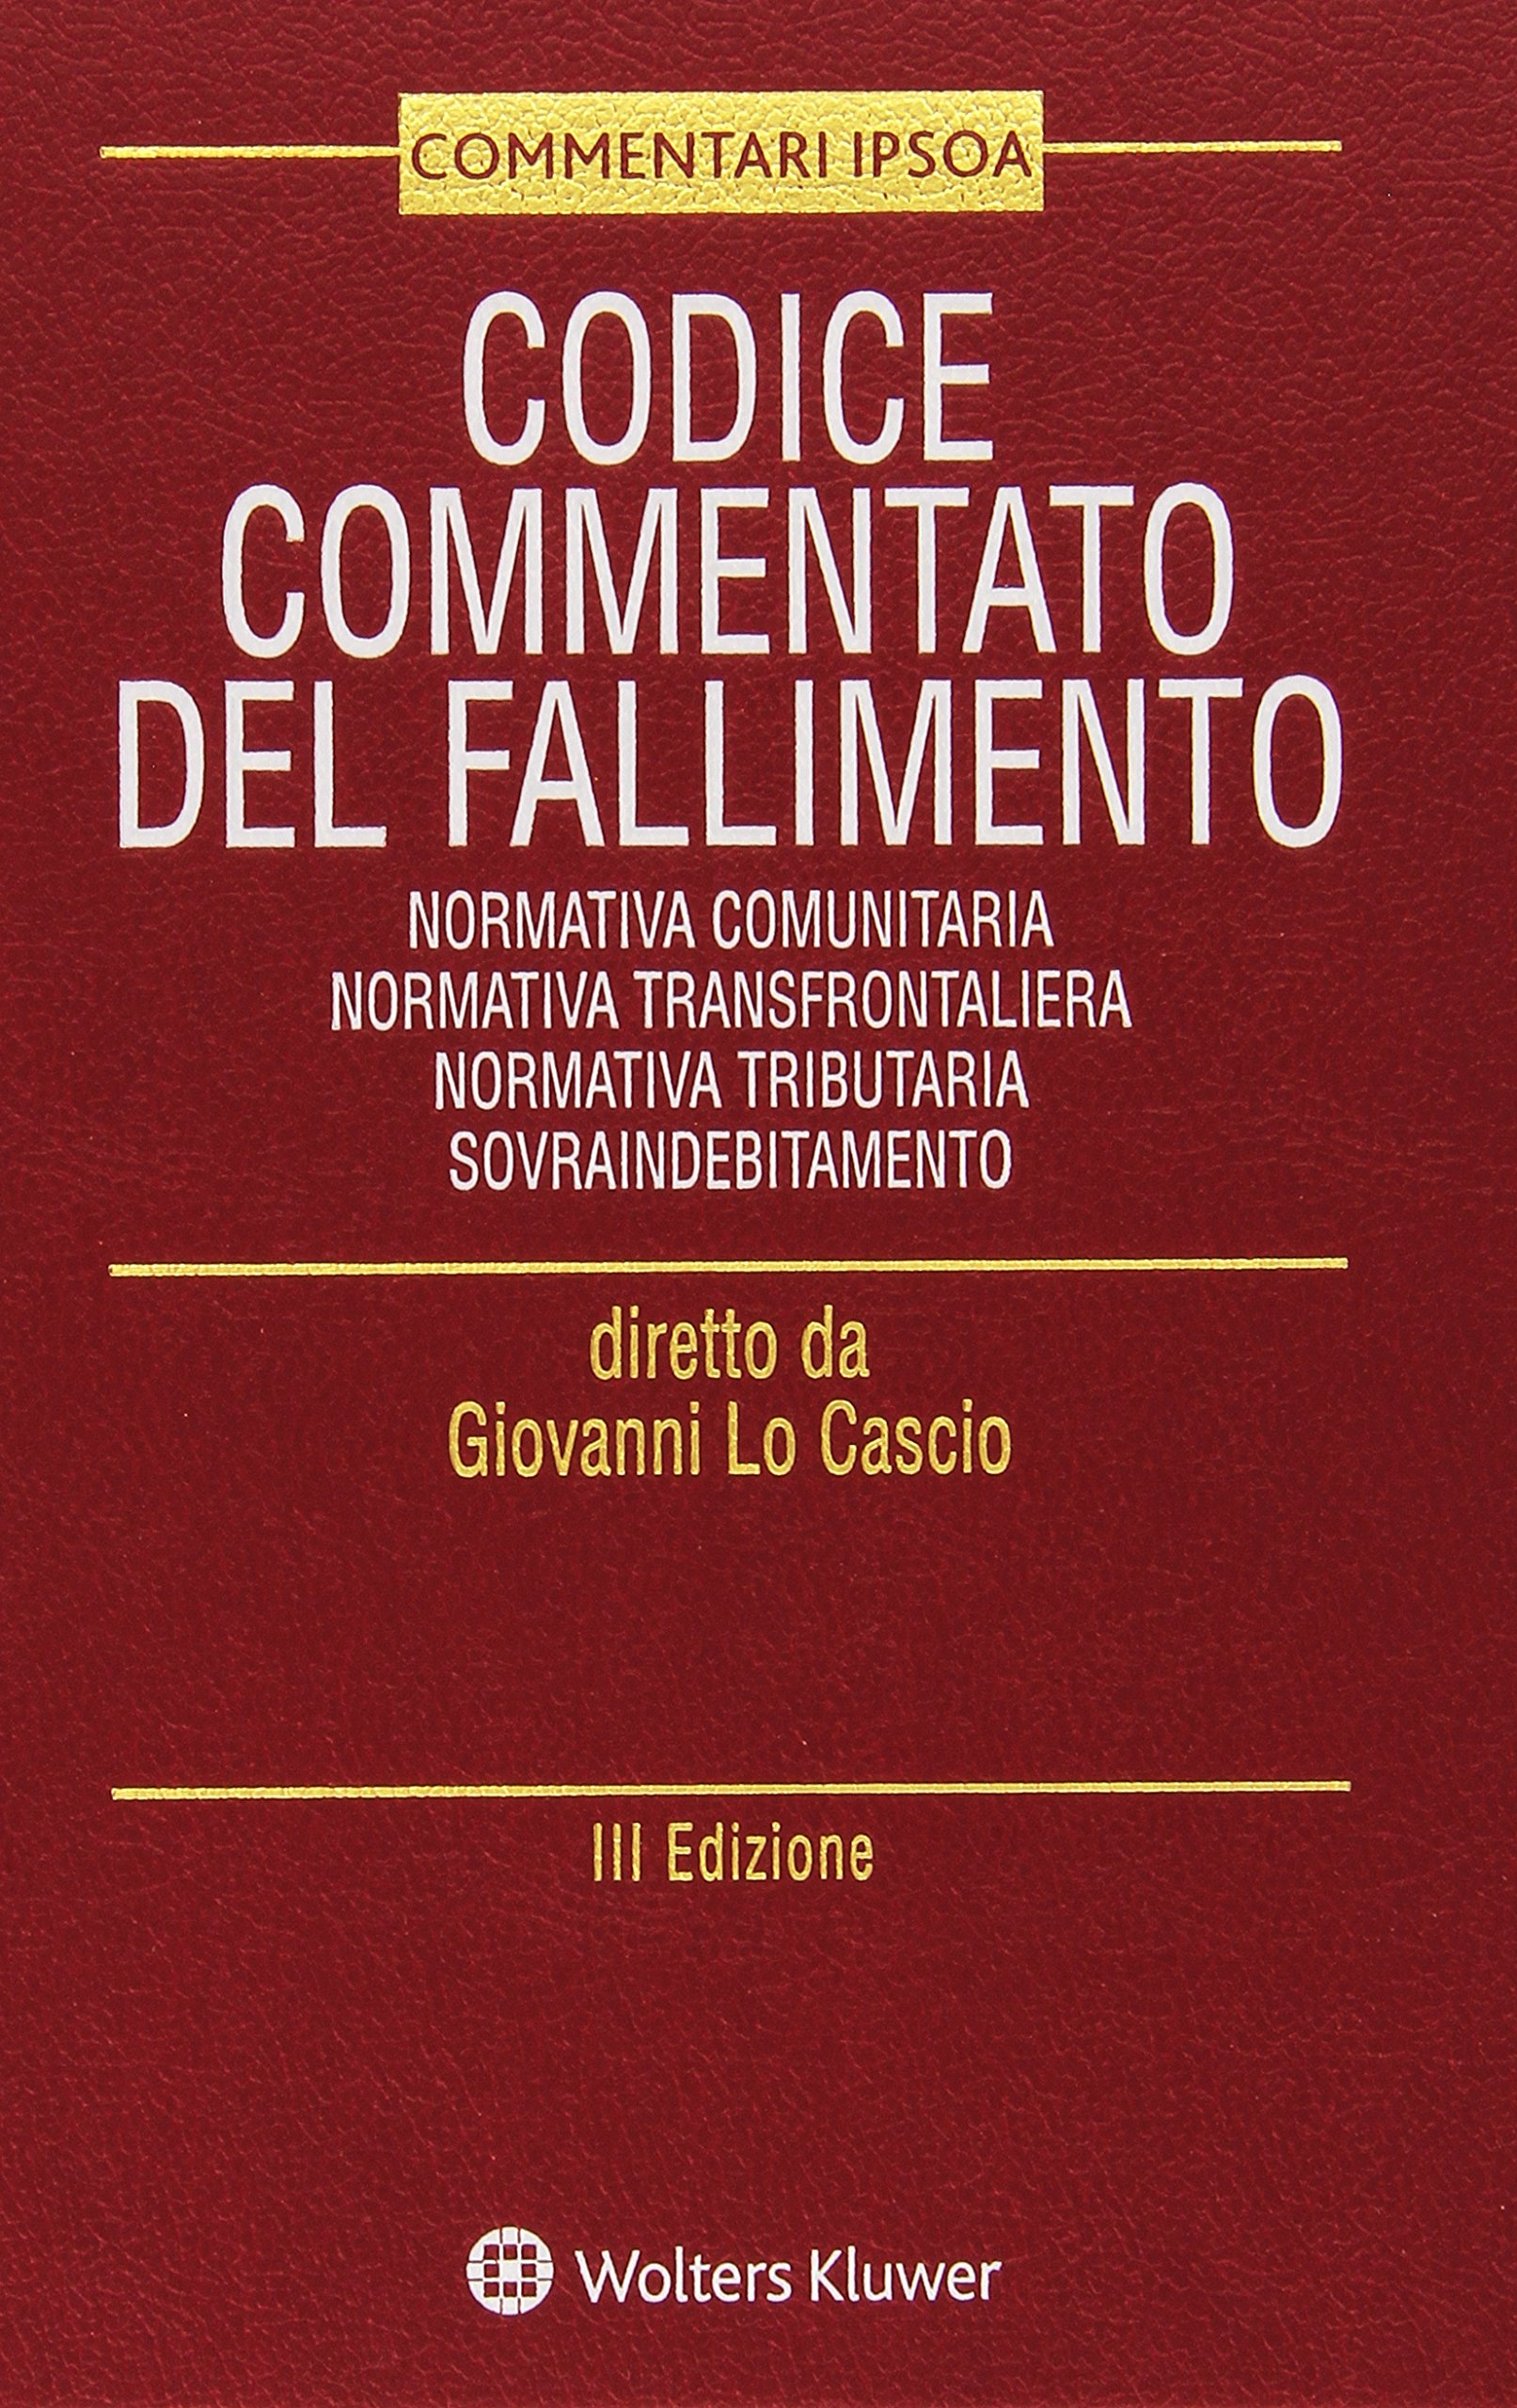 CODICE COMMENTATO DEL FALLIMENTO 2015. PDF